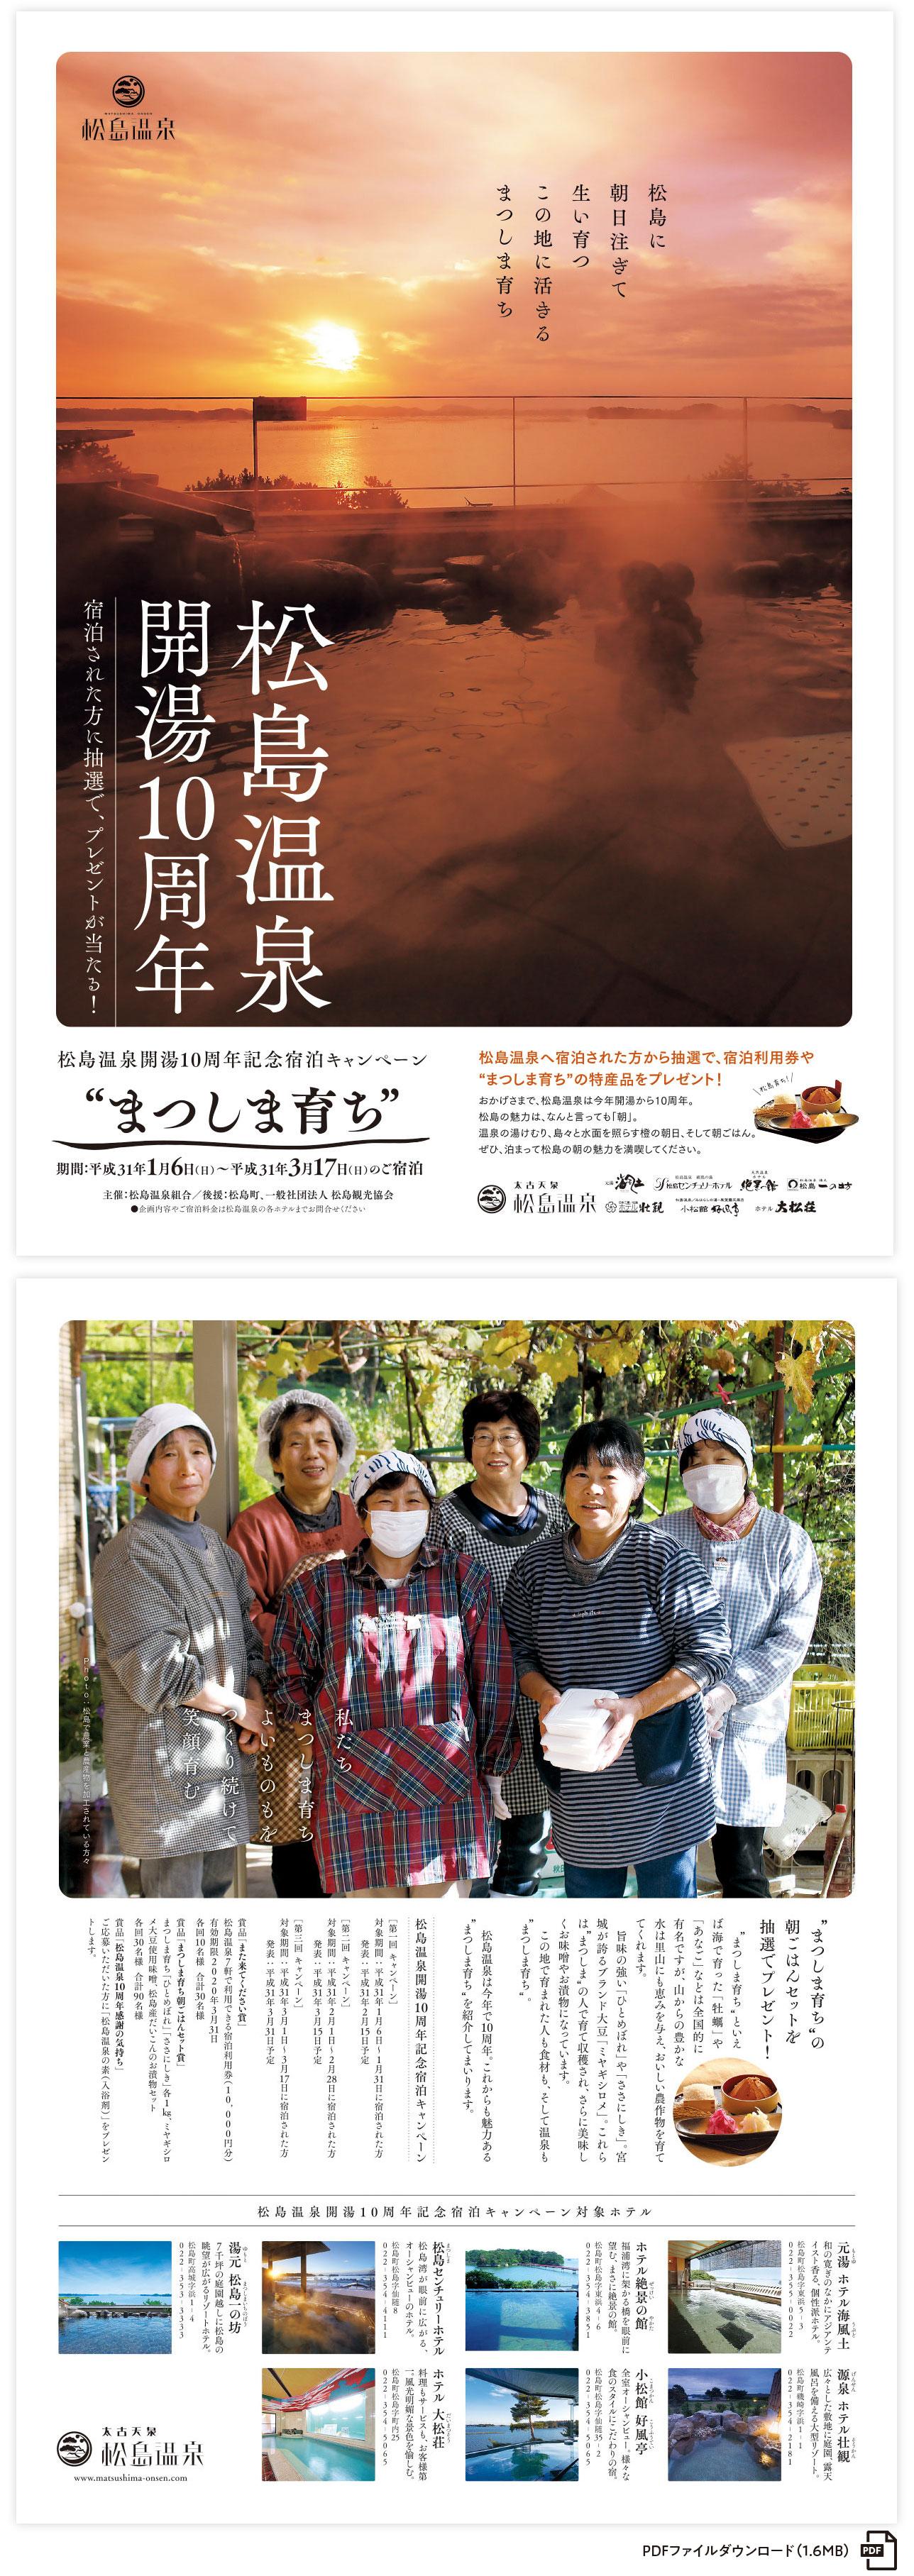 「松島温泉開湯10周年記念宿泊キャンペーン」チラシPDF